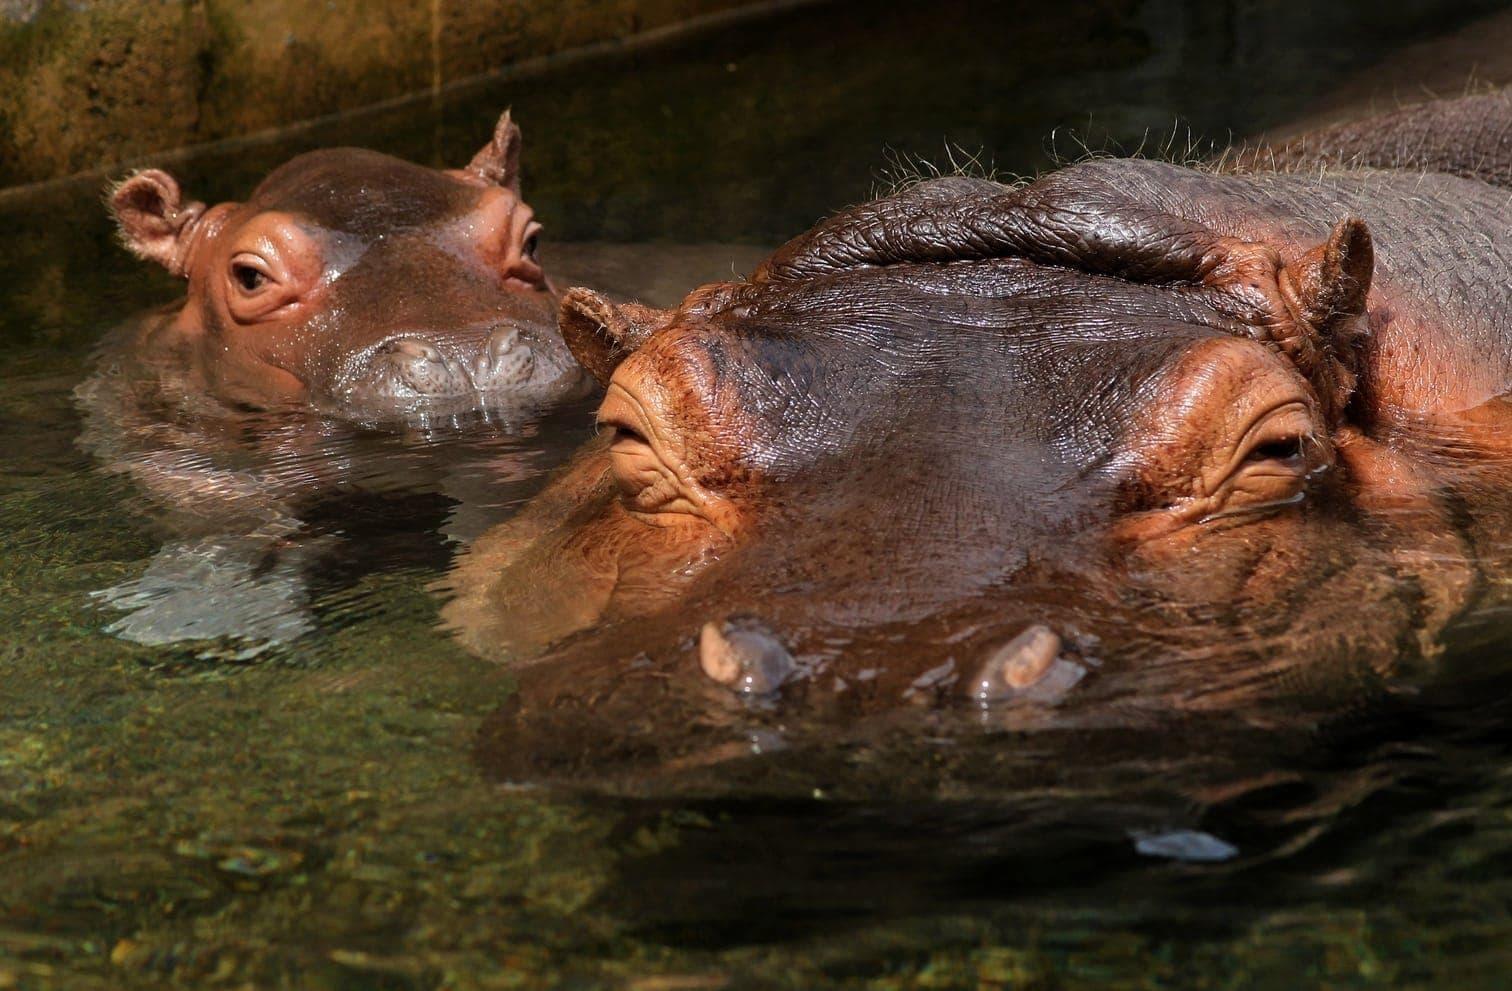 <p>Die Mutter kümmert sich rührend um den kleinen Fratz.</p> Foto: AFP